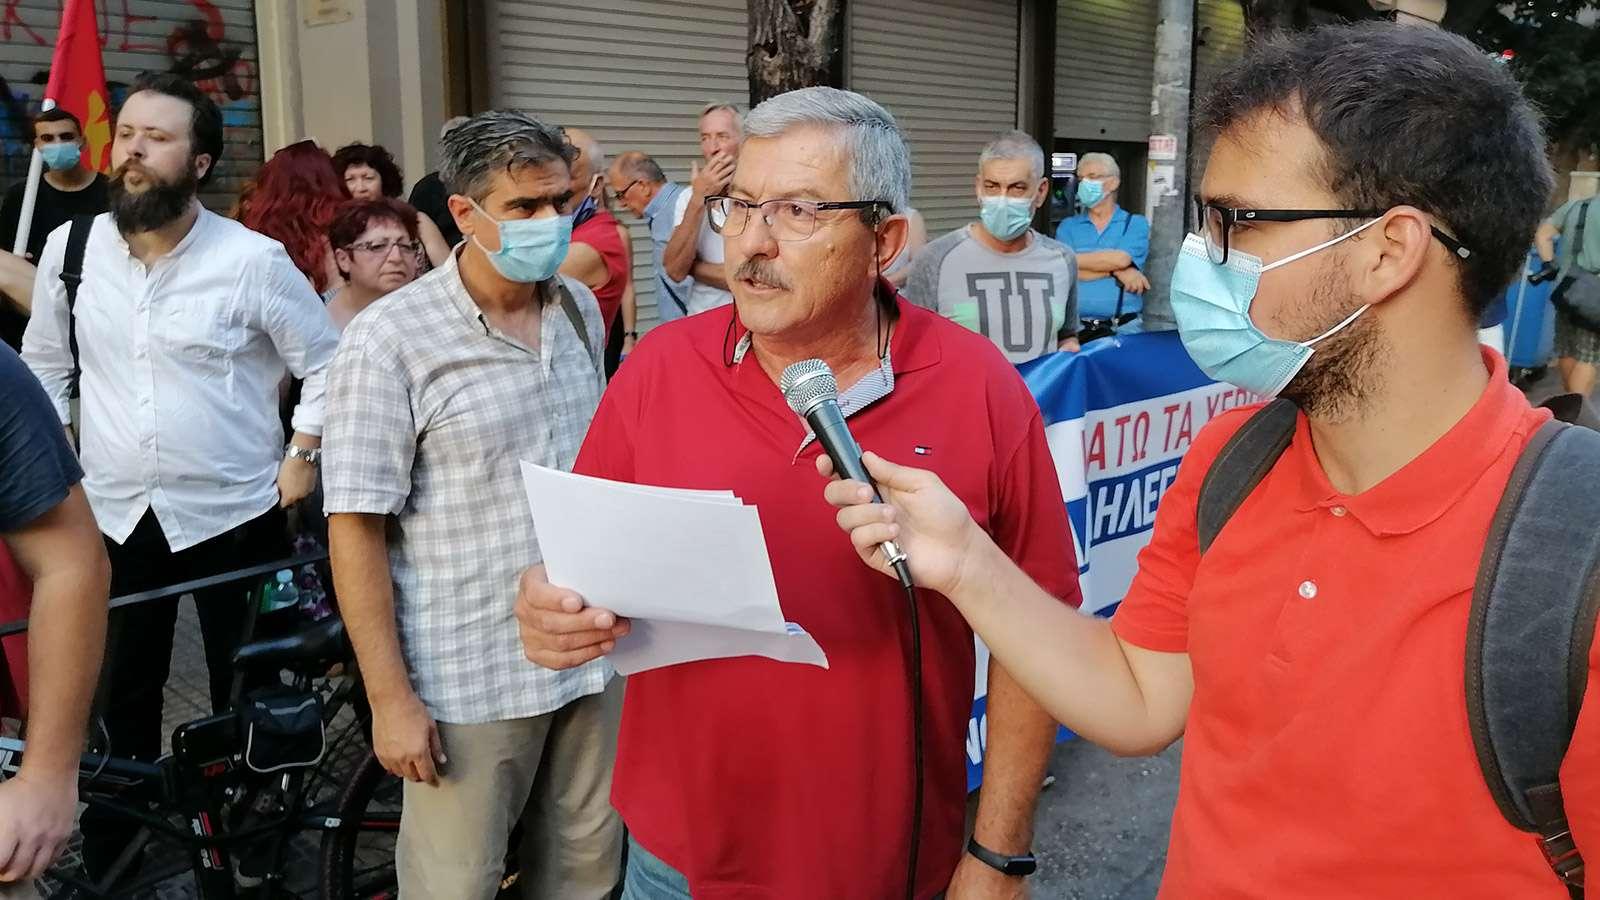 ΚΝΕ Θεσσαλονίκη: Σταματήστε τον αποκλεισμό αφήστε την Κούβα να αναπνεύσει!